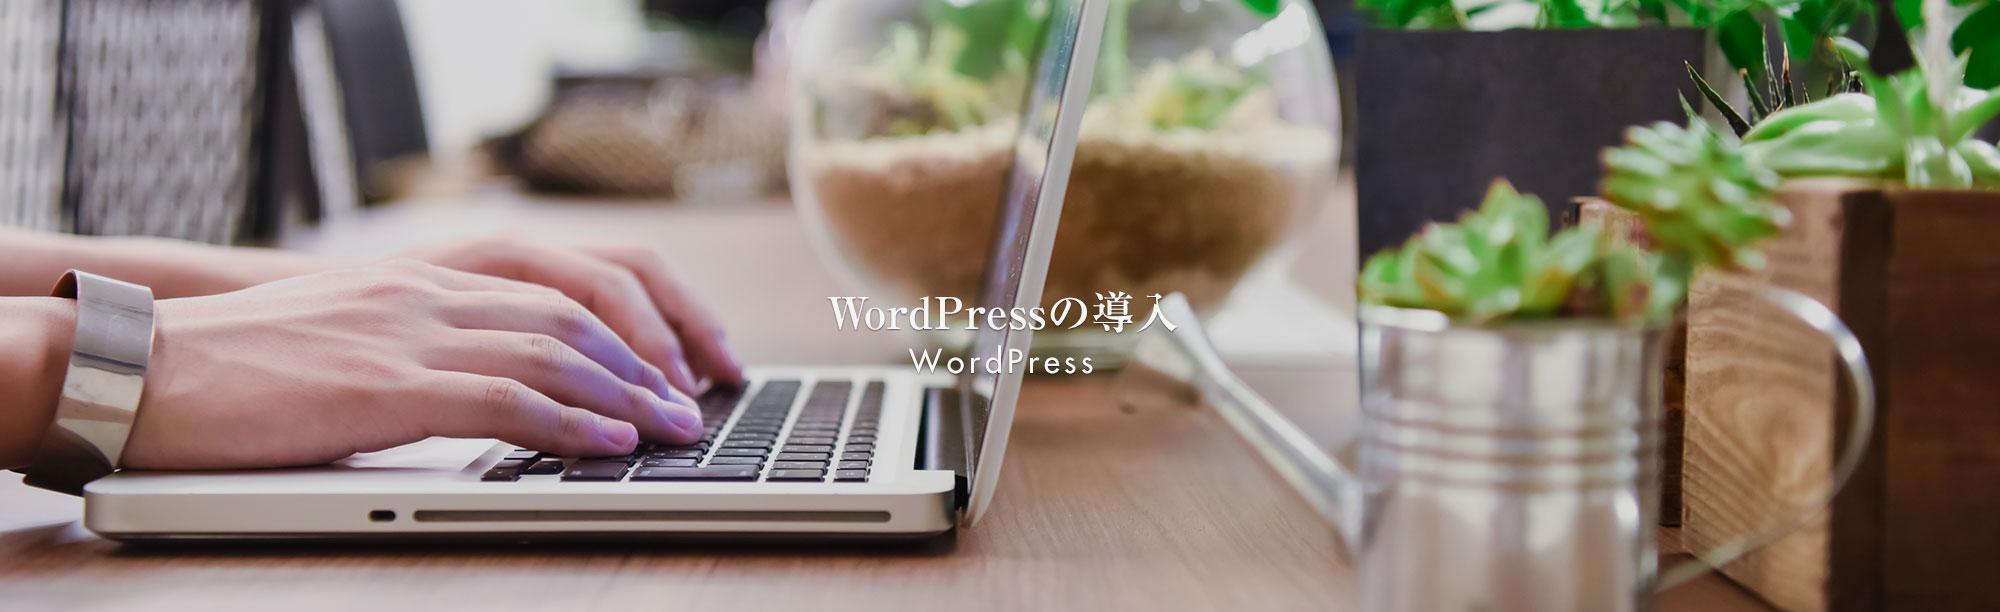 WordPressの導入